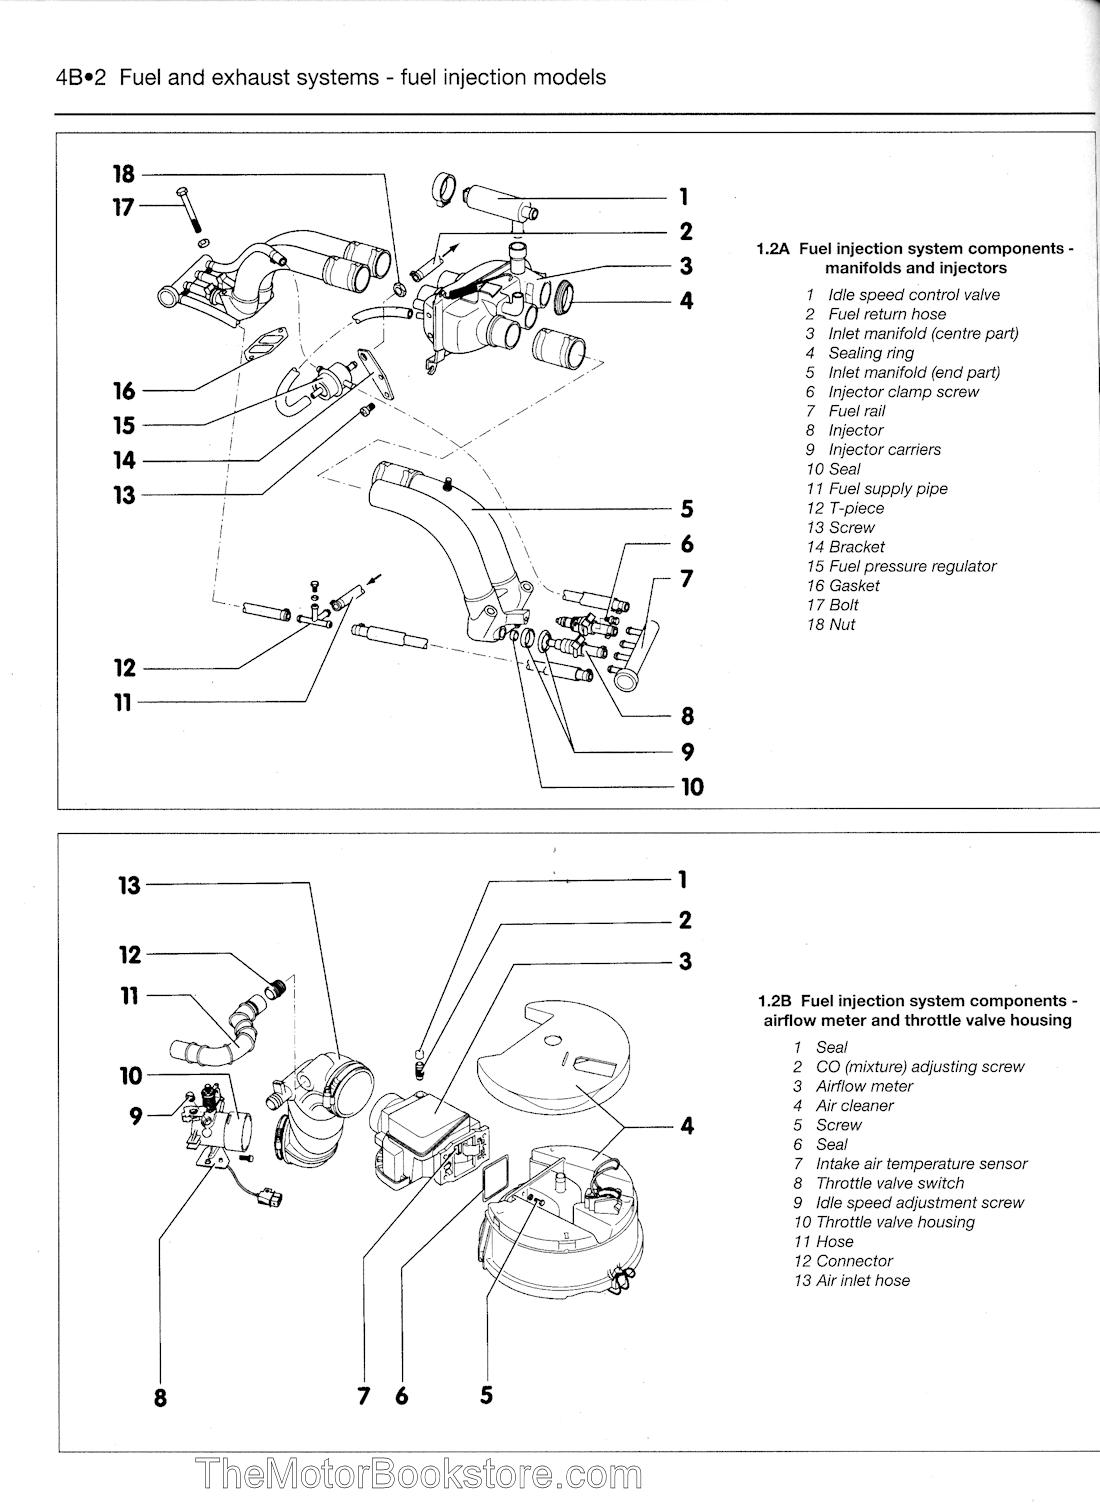 vw transporter repair manual haynes 3452 sample page?resize\=665%2C913\&ssl\=1 bmw n54 wiring diagram wiring diagram shrutiradio  at gsmportal.co